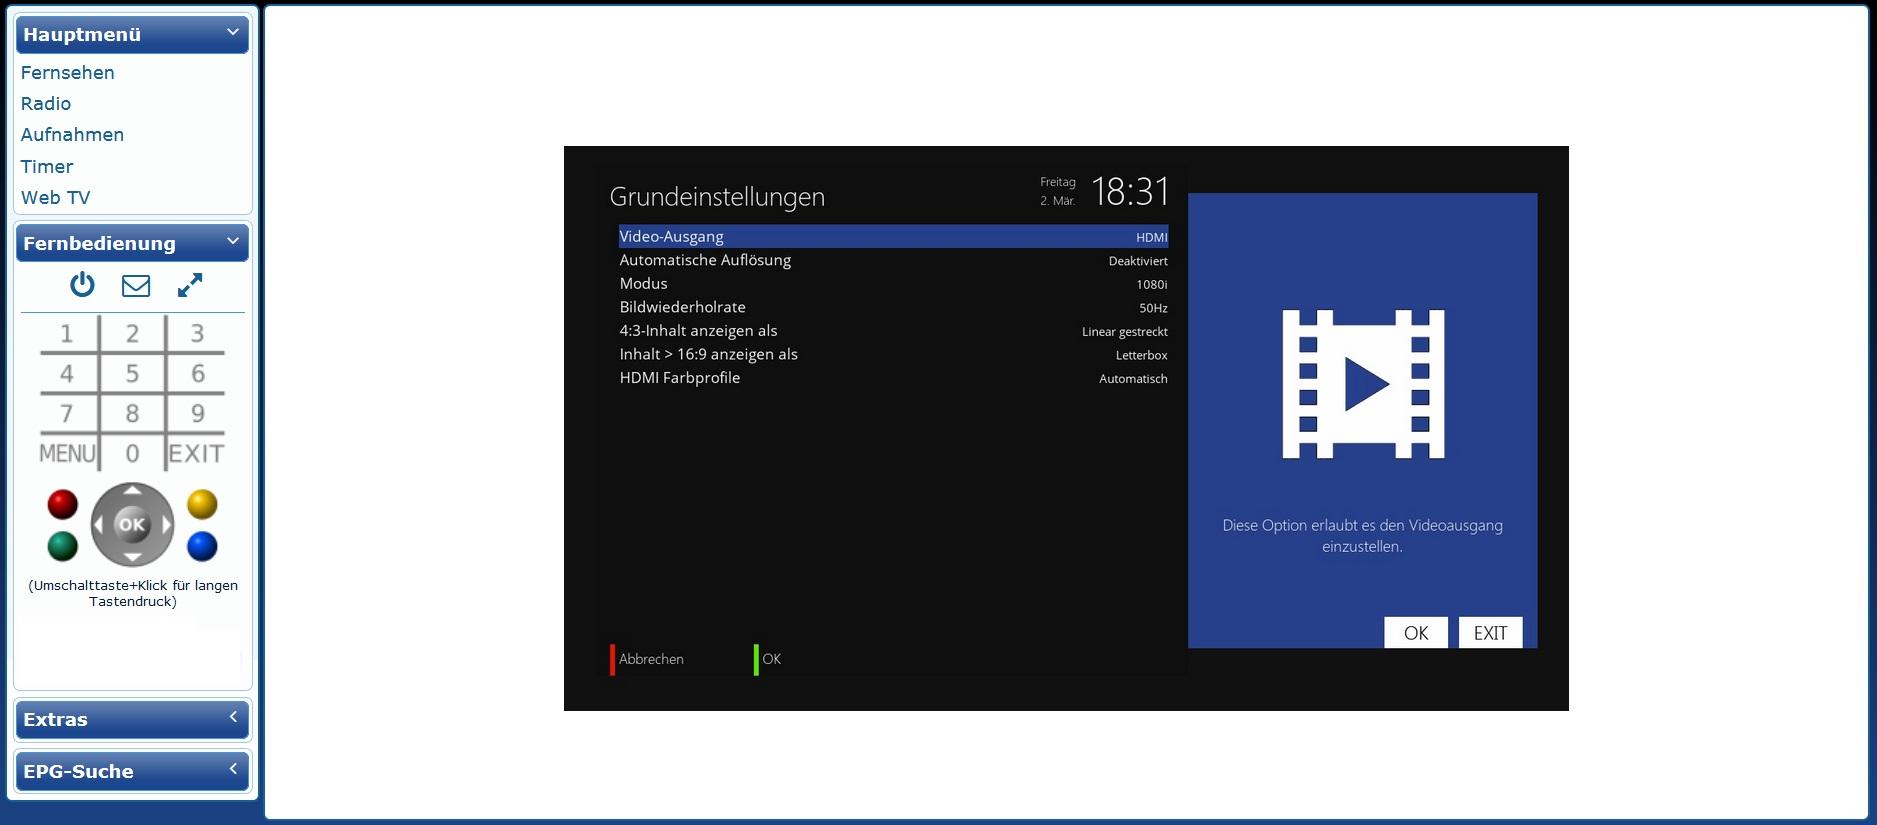 Bild-Grundeinstellungen OpenATV 4K UHD Box HD51